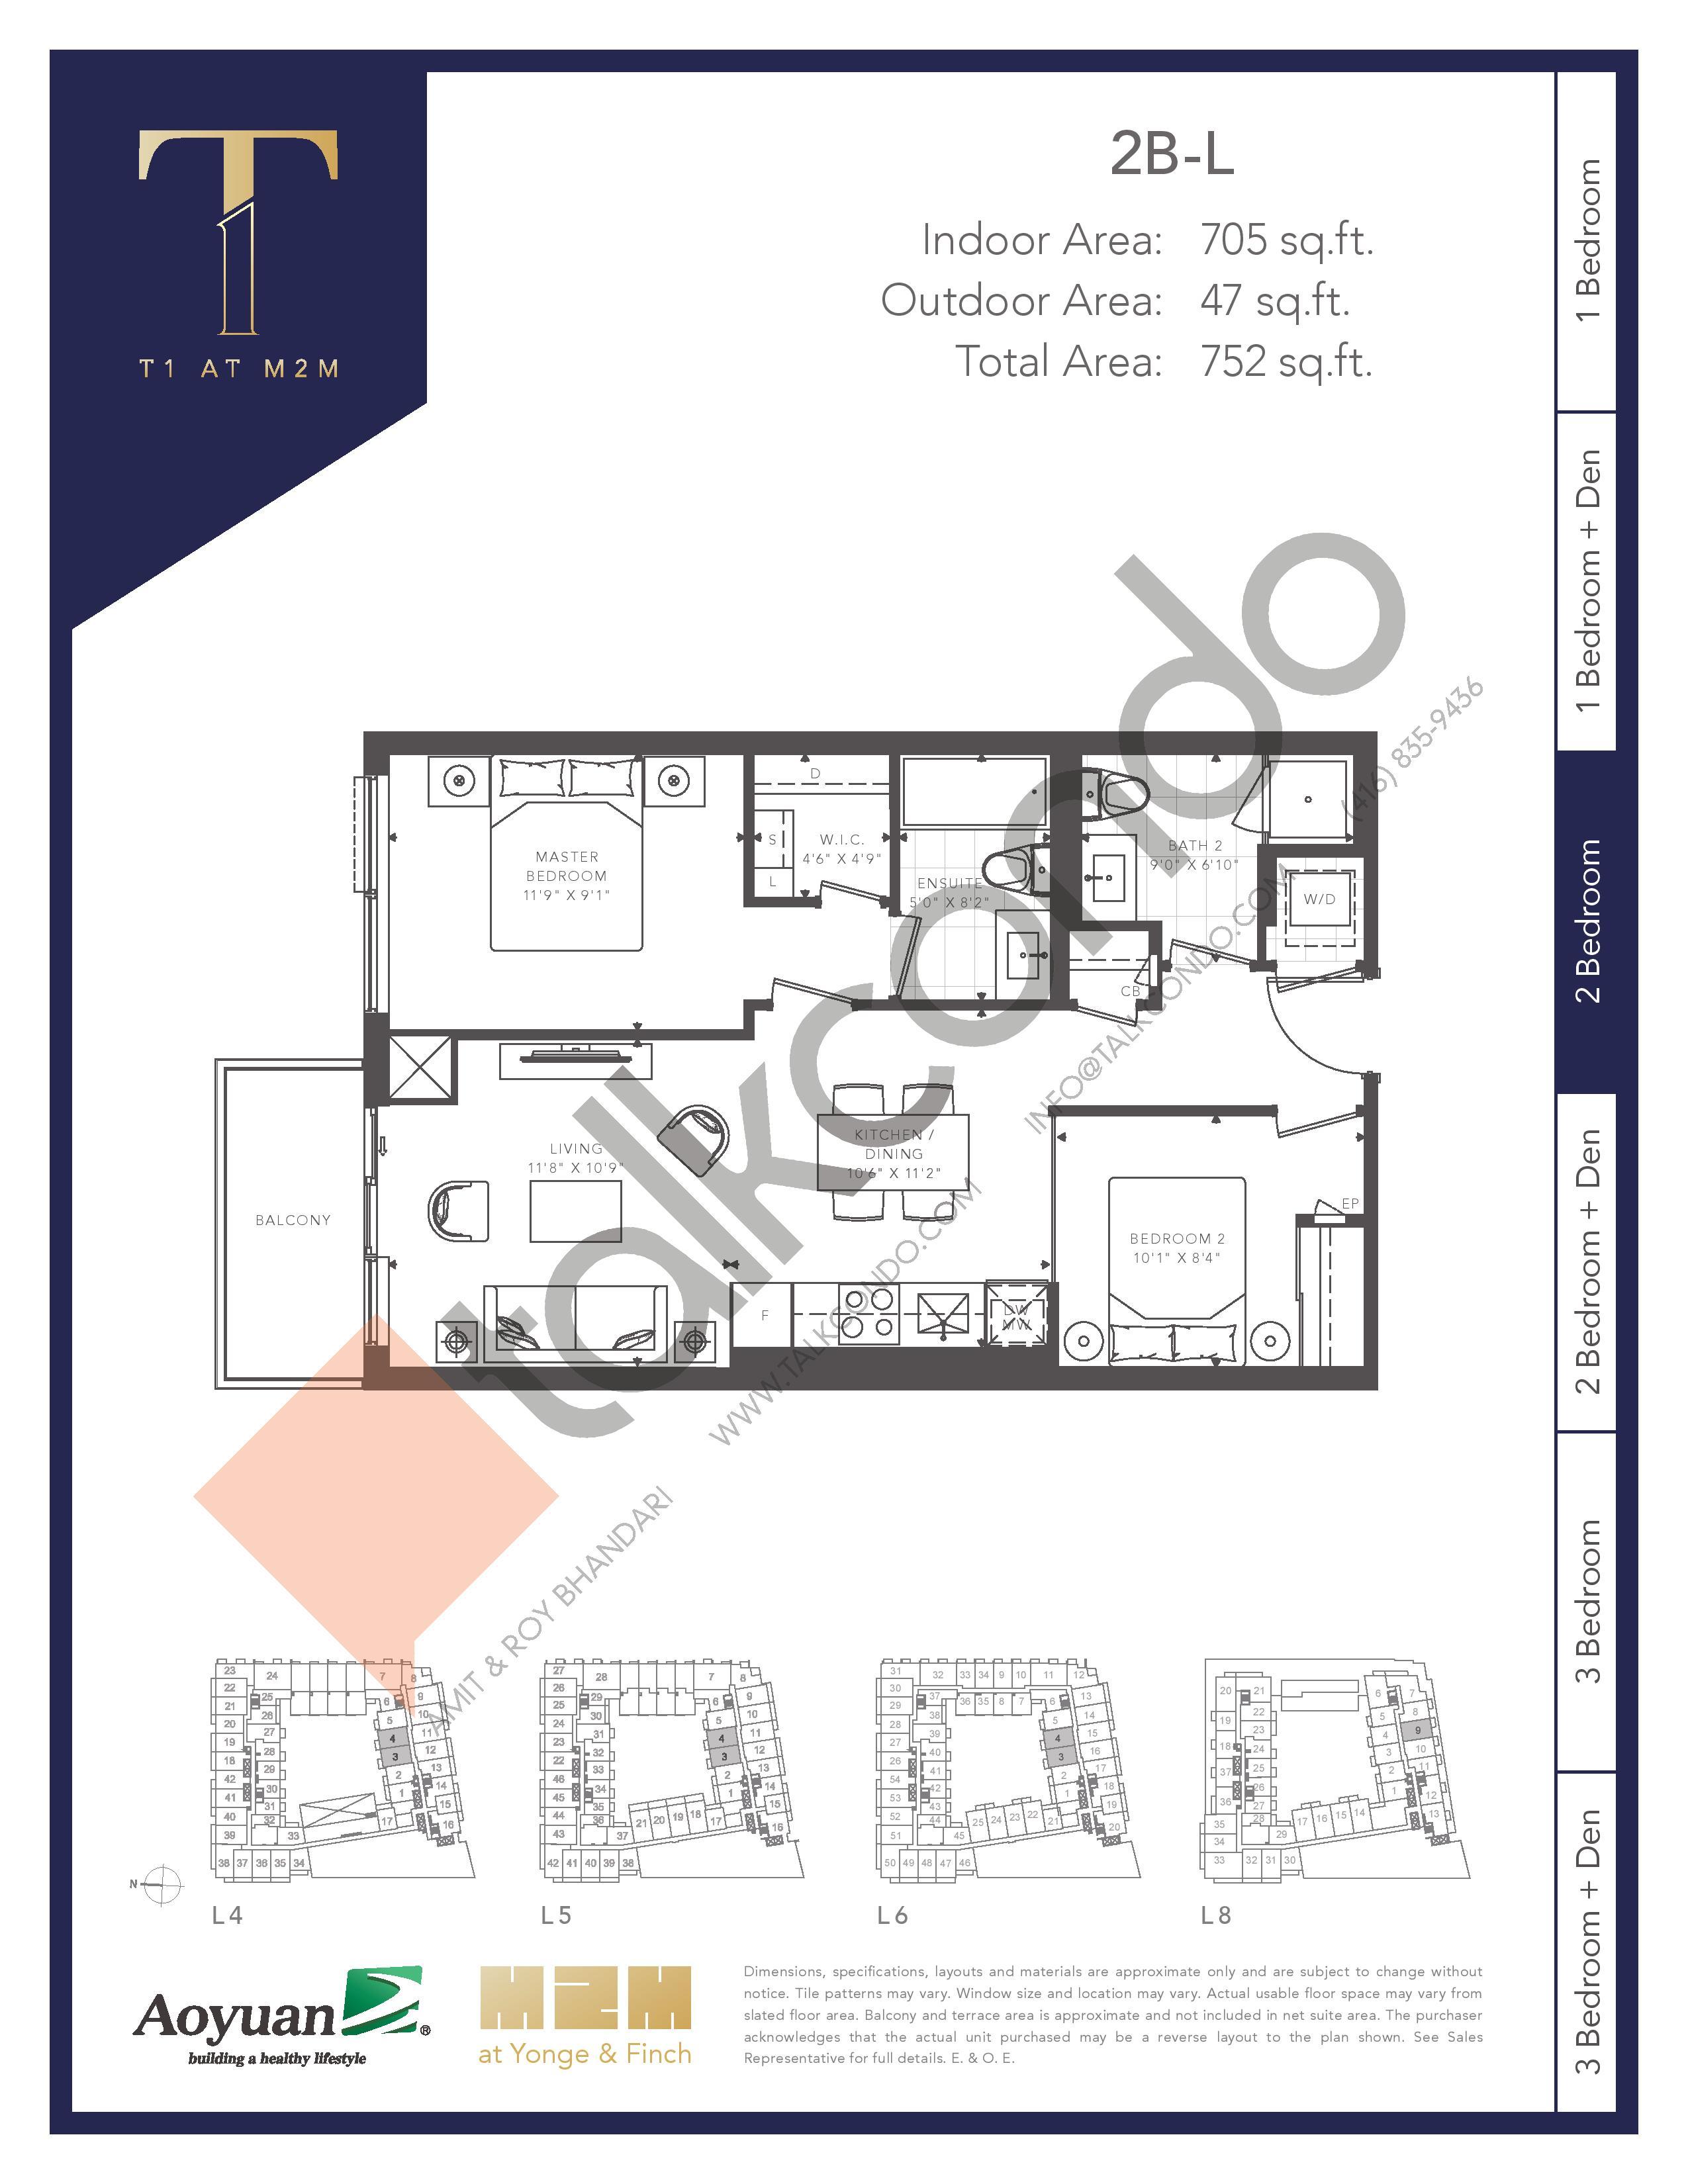 2B-L (Tower) Floor Plan at T1 at M2M Condos - 705 sq.ft